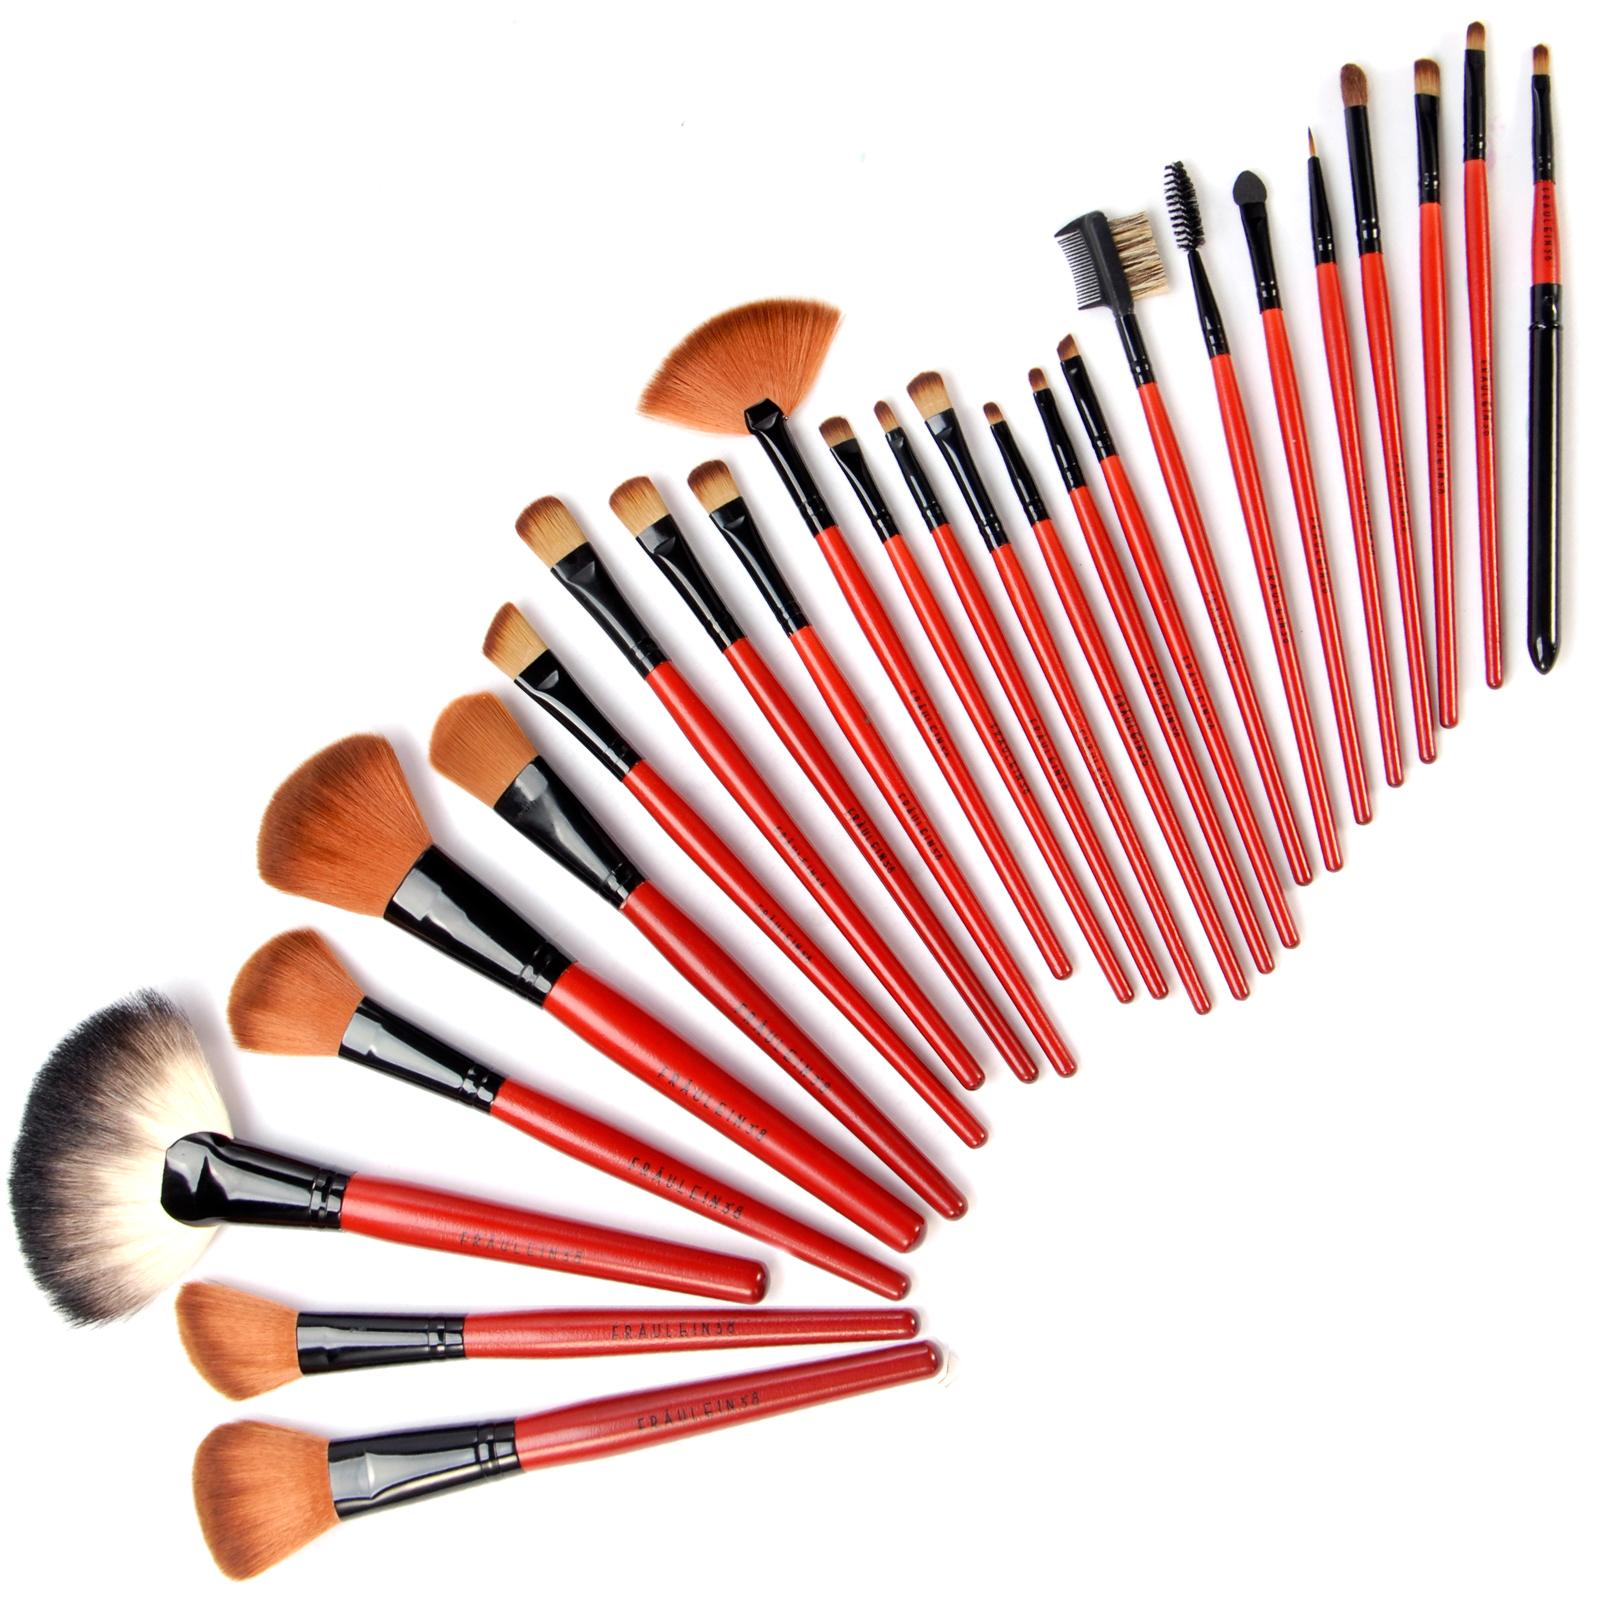 fraeulein 38 25tlg kosmetik pinsel set make up brush set. Black Bedroom Furniture Sets. Home Design Ideas